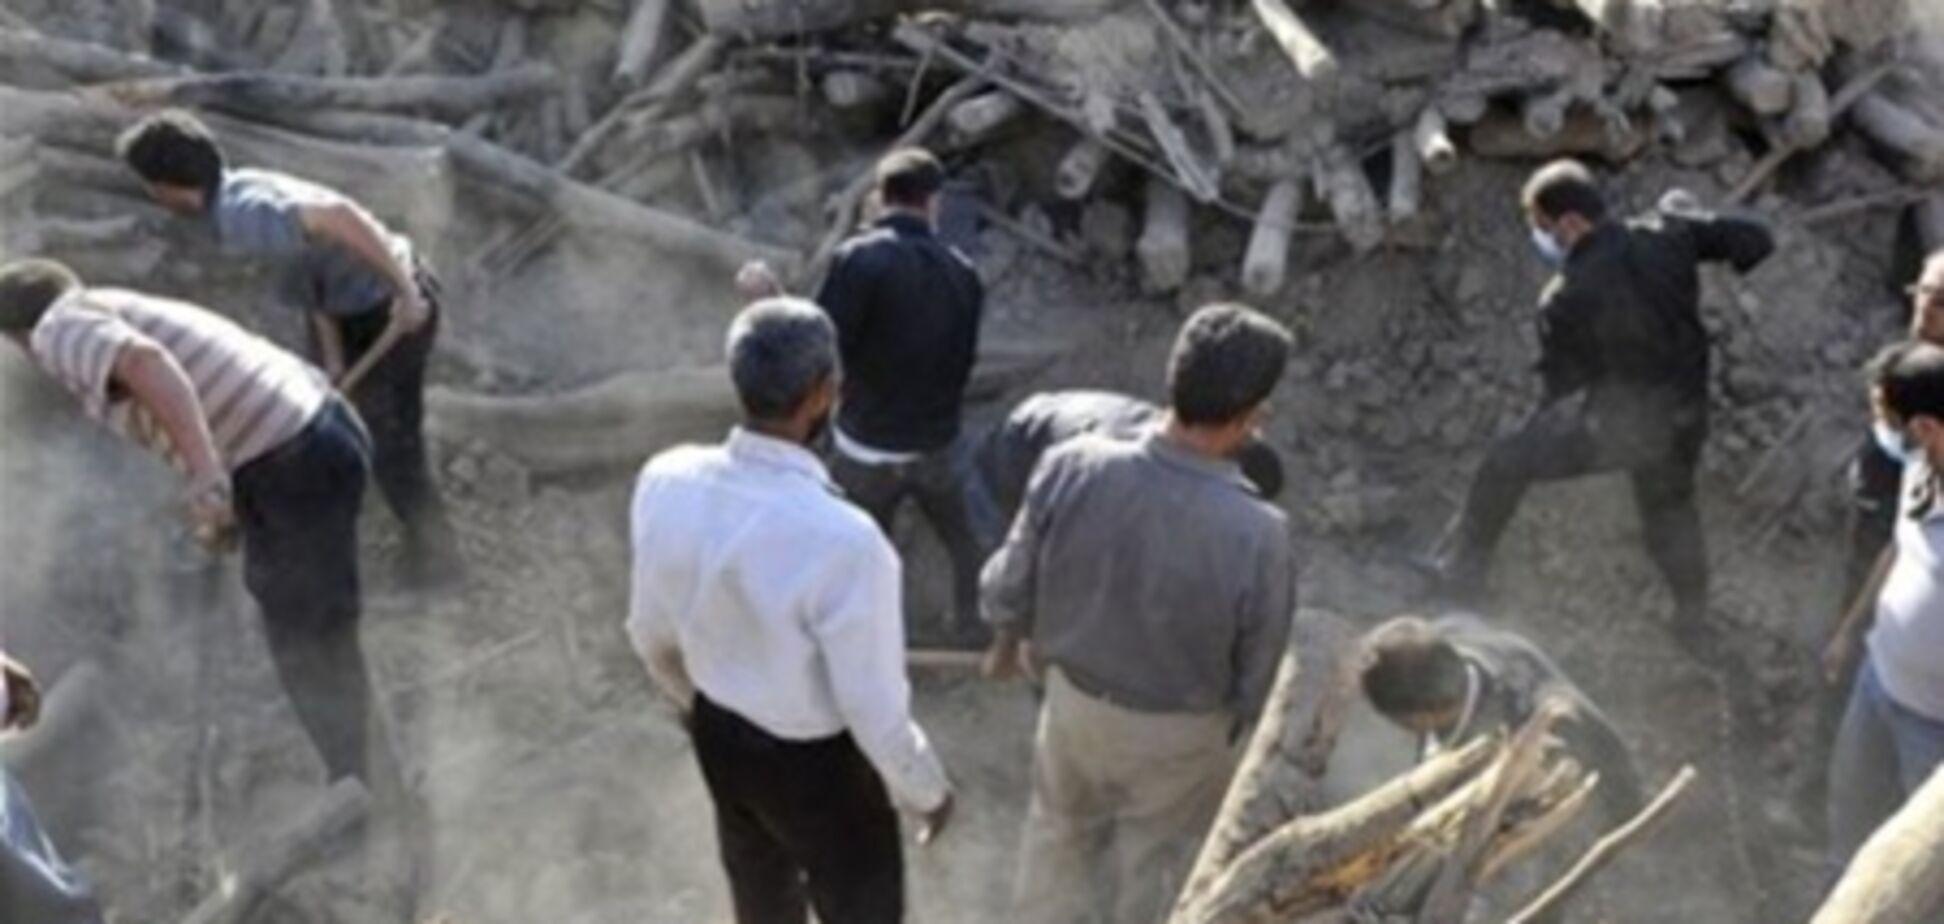 МЗС: українців серед постраждалих від землетрусу в Ірані немає